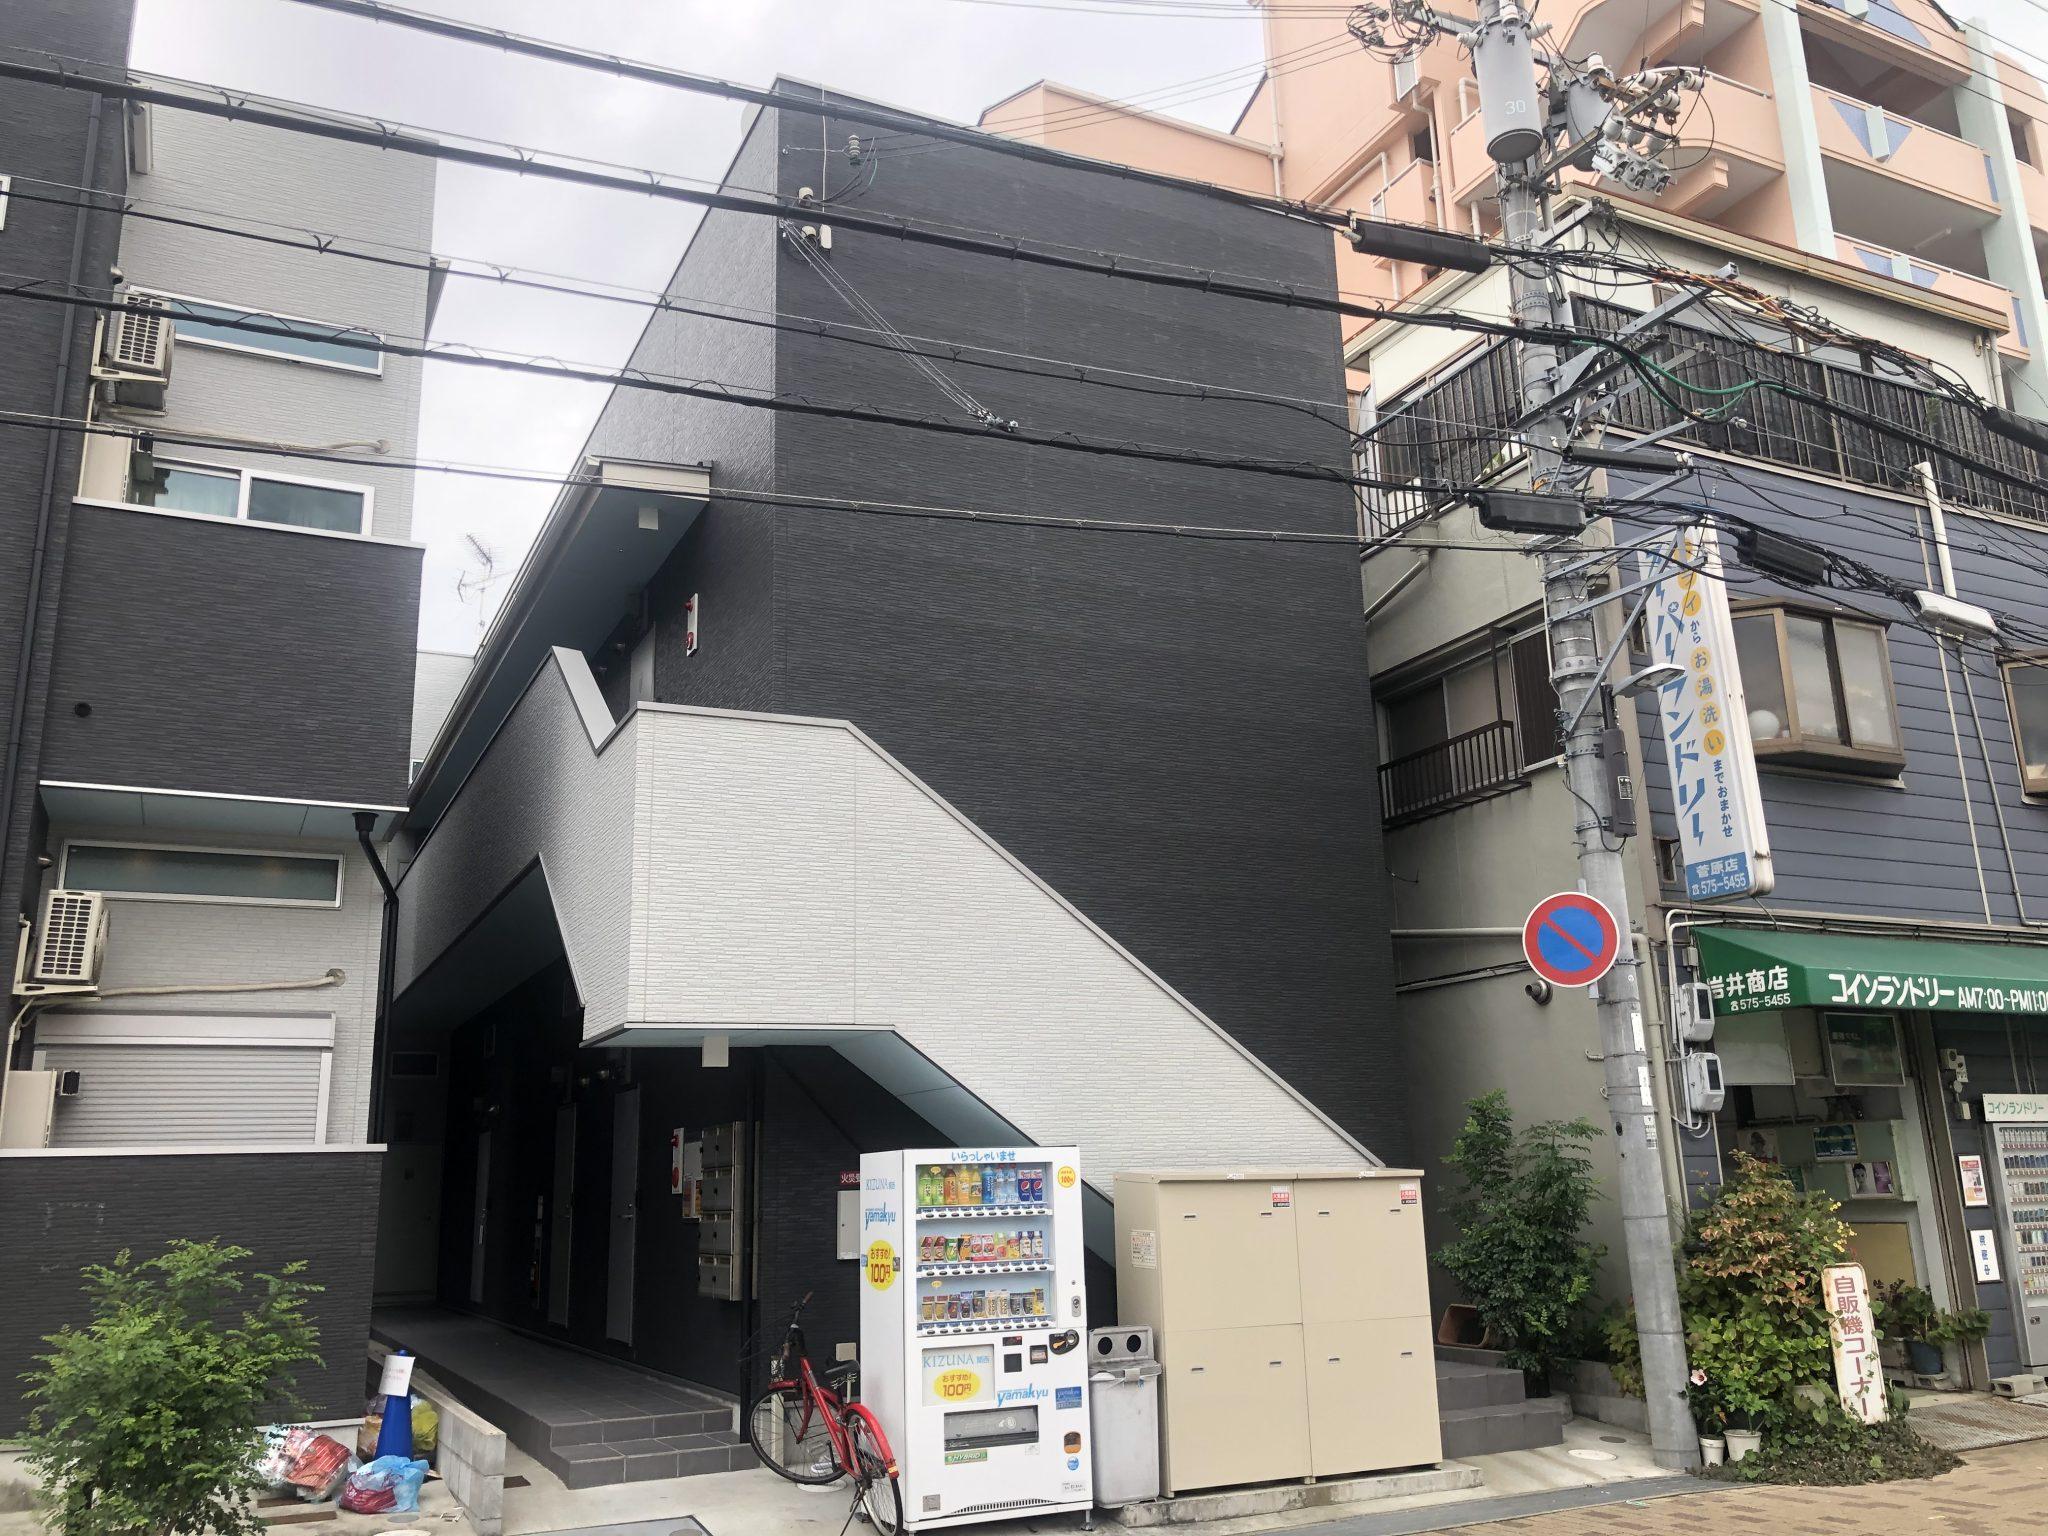 神戸,賃貸.1K,ロフト付き,築浅,駅近,収納